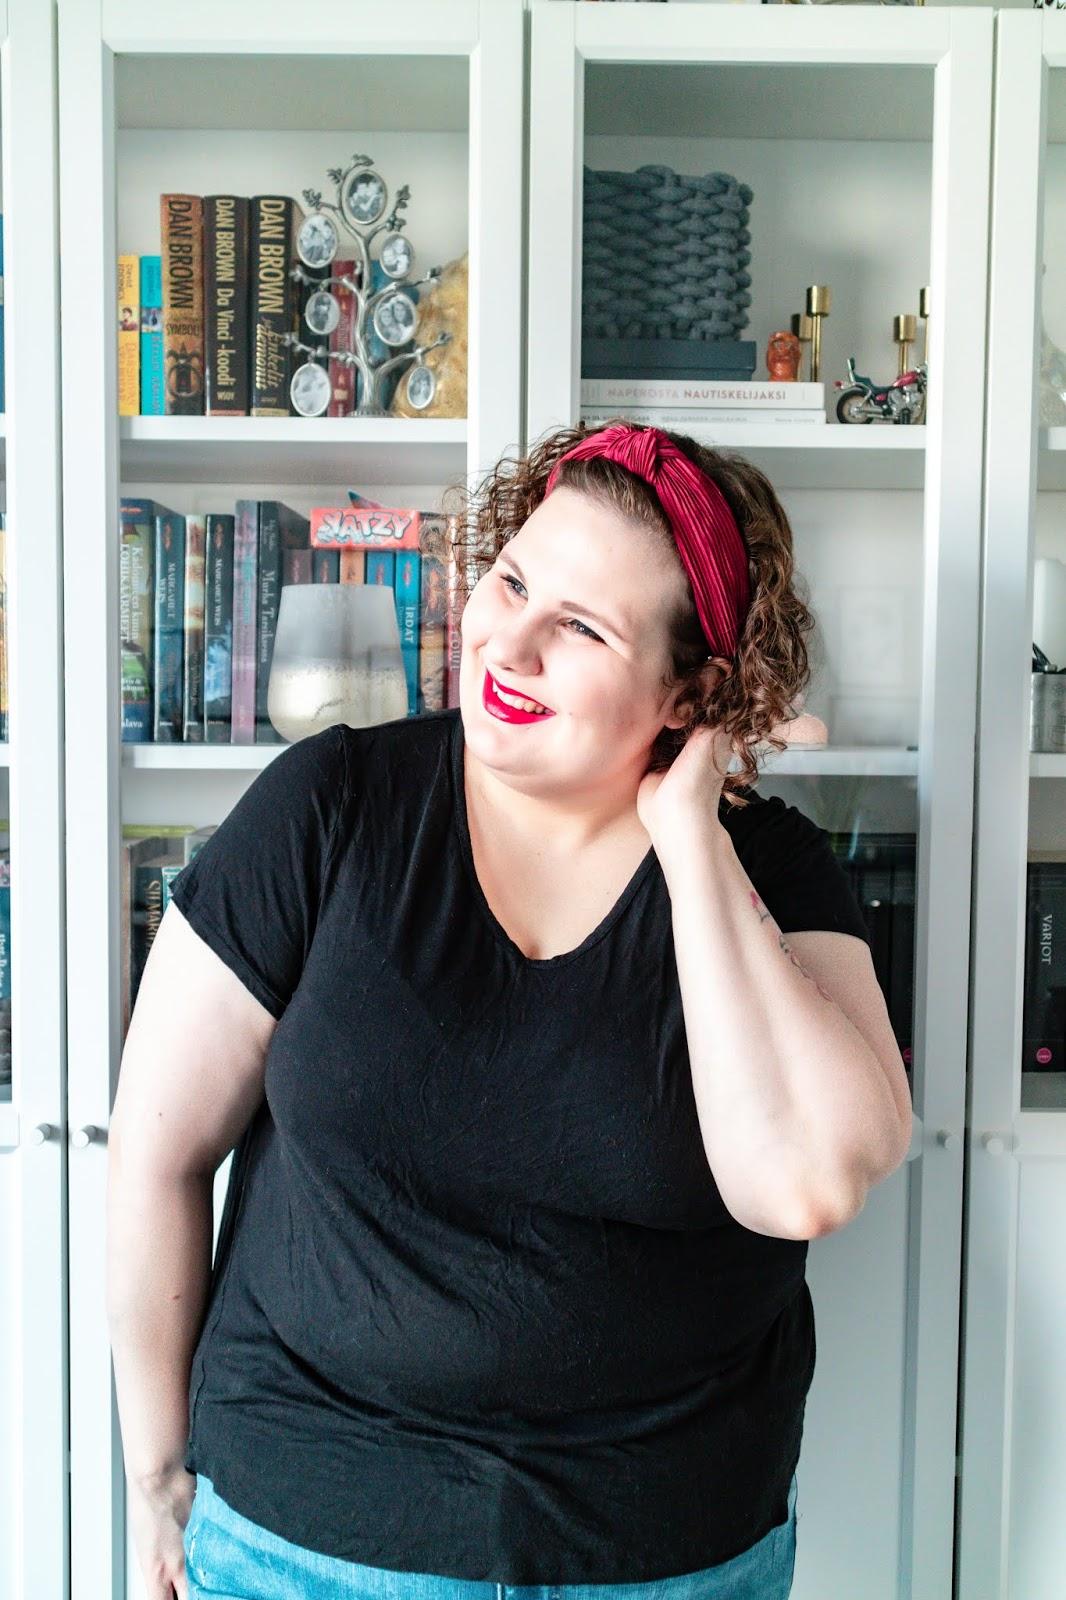 Big mamas home by Jenni S. Aikuisten ystäväkirja